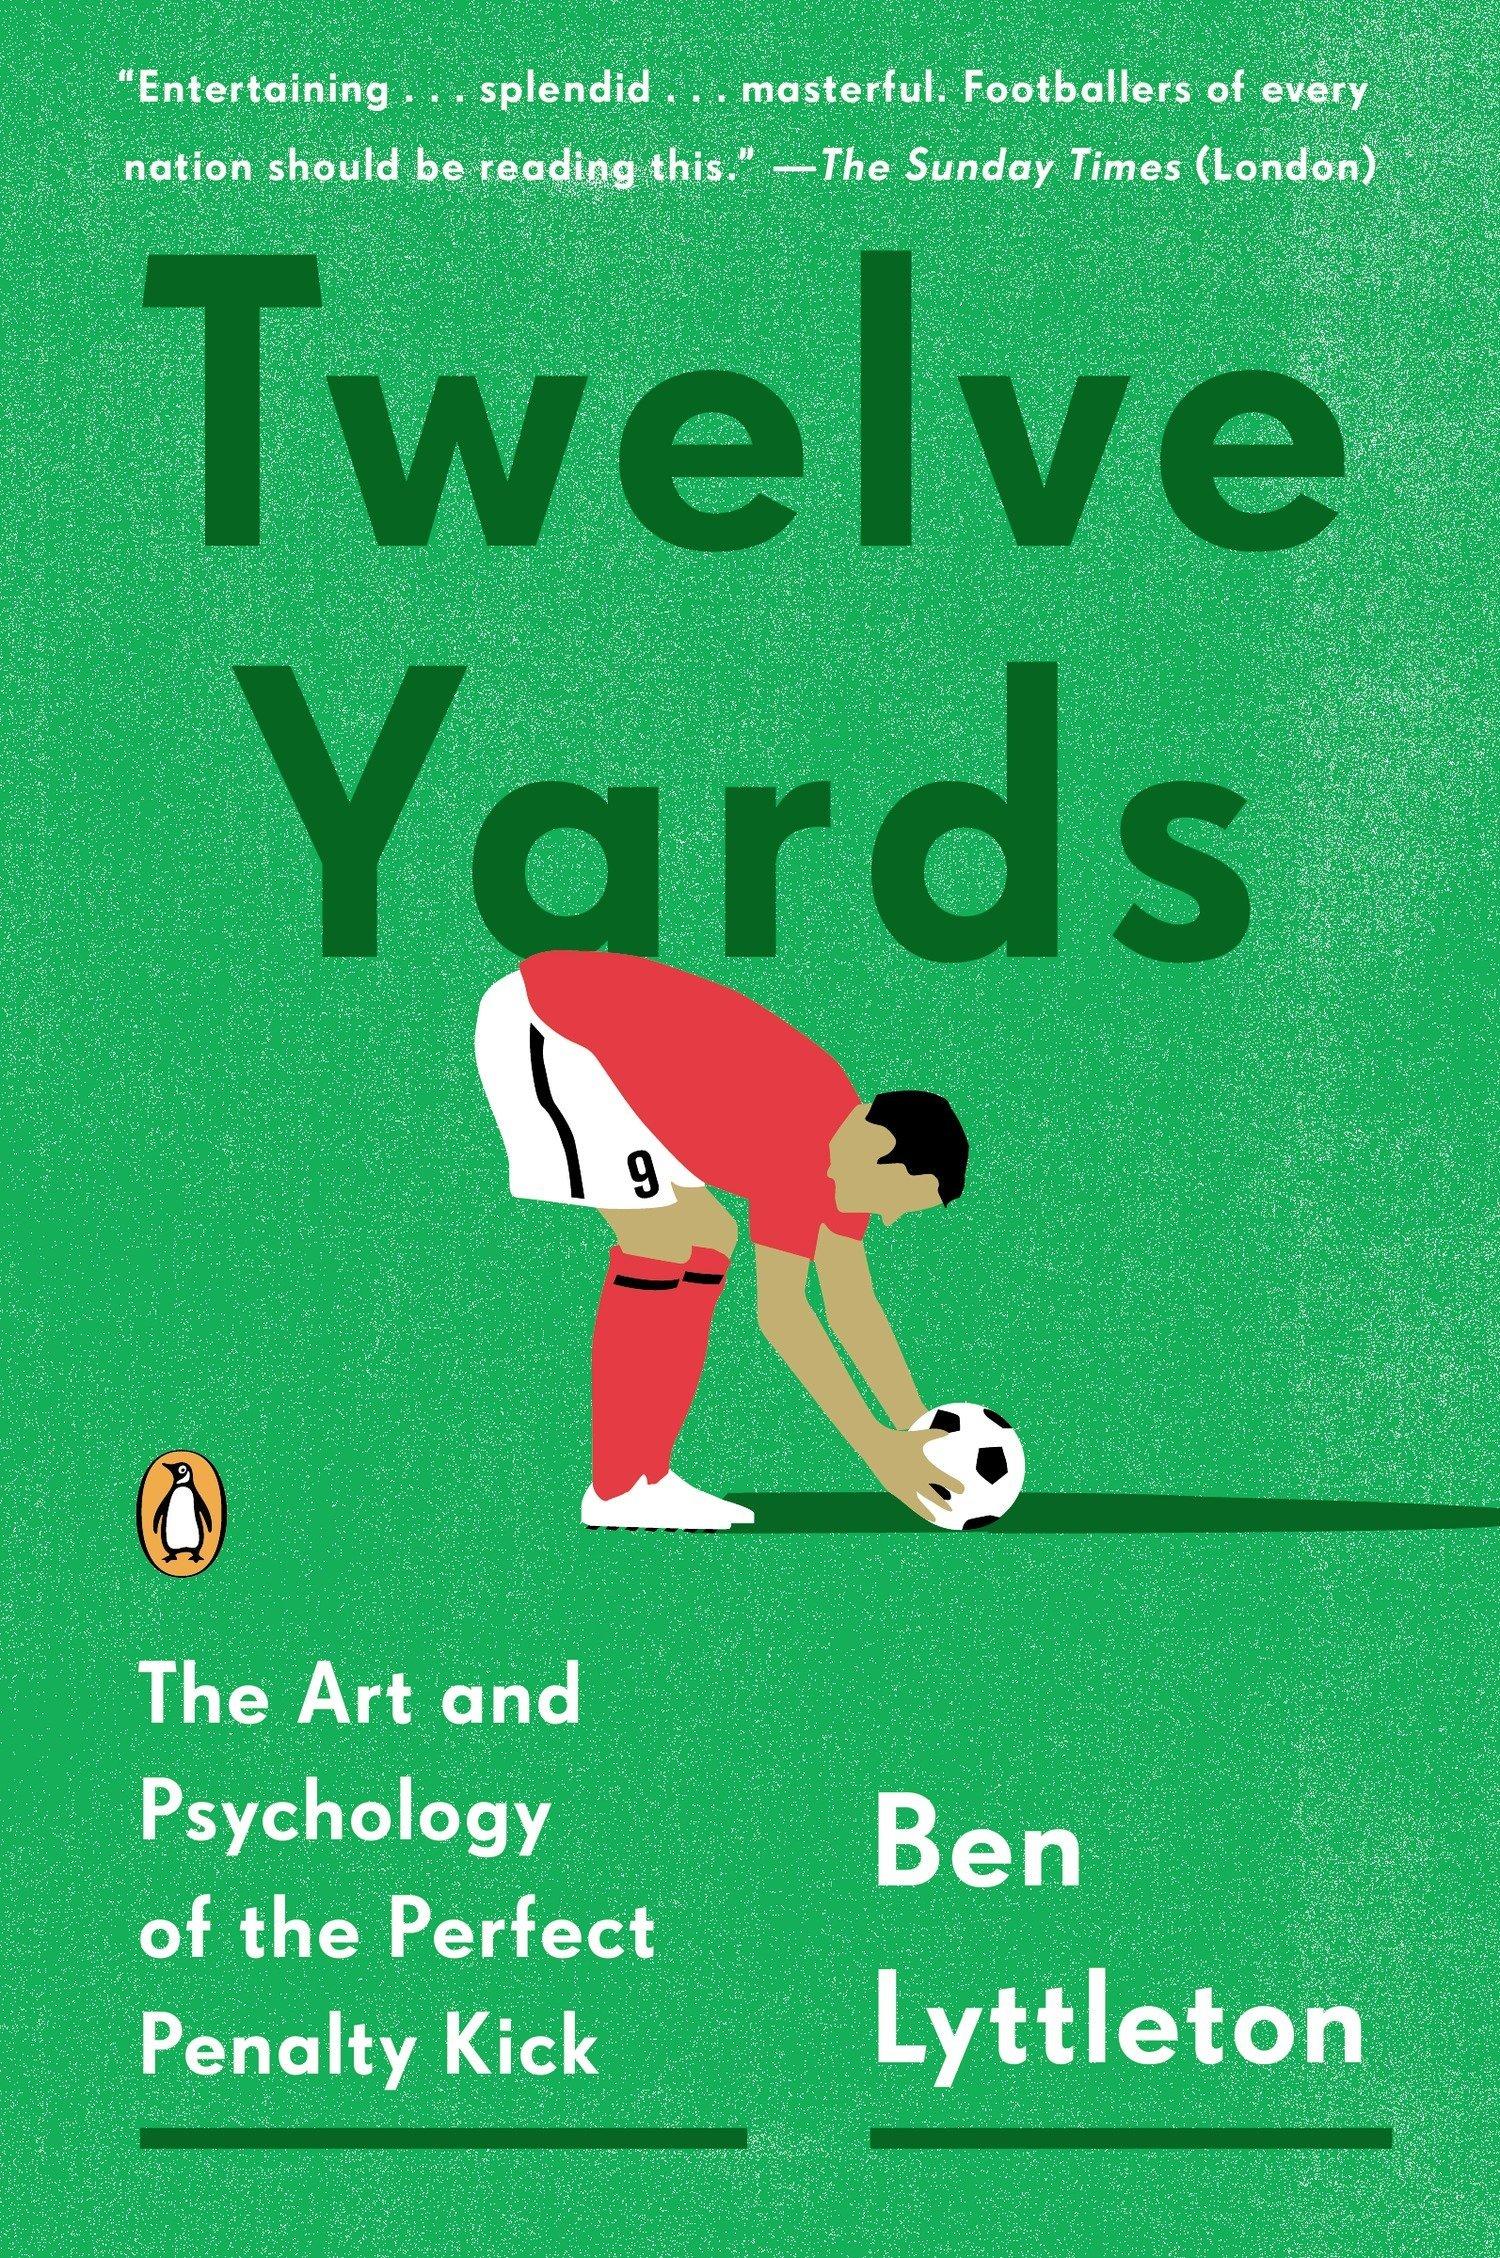 Twelve Yards: The Art and Psychology of the Perfect Penalty Kick: Amazon.es: Lyttleton, Ben: Libros en idiomas extranjeros